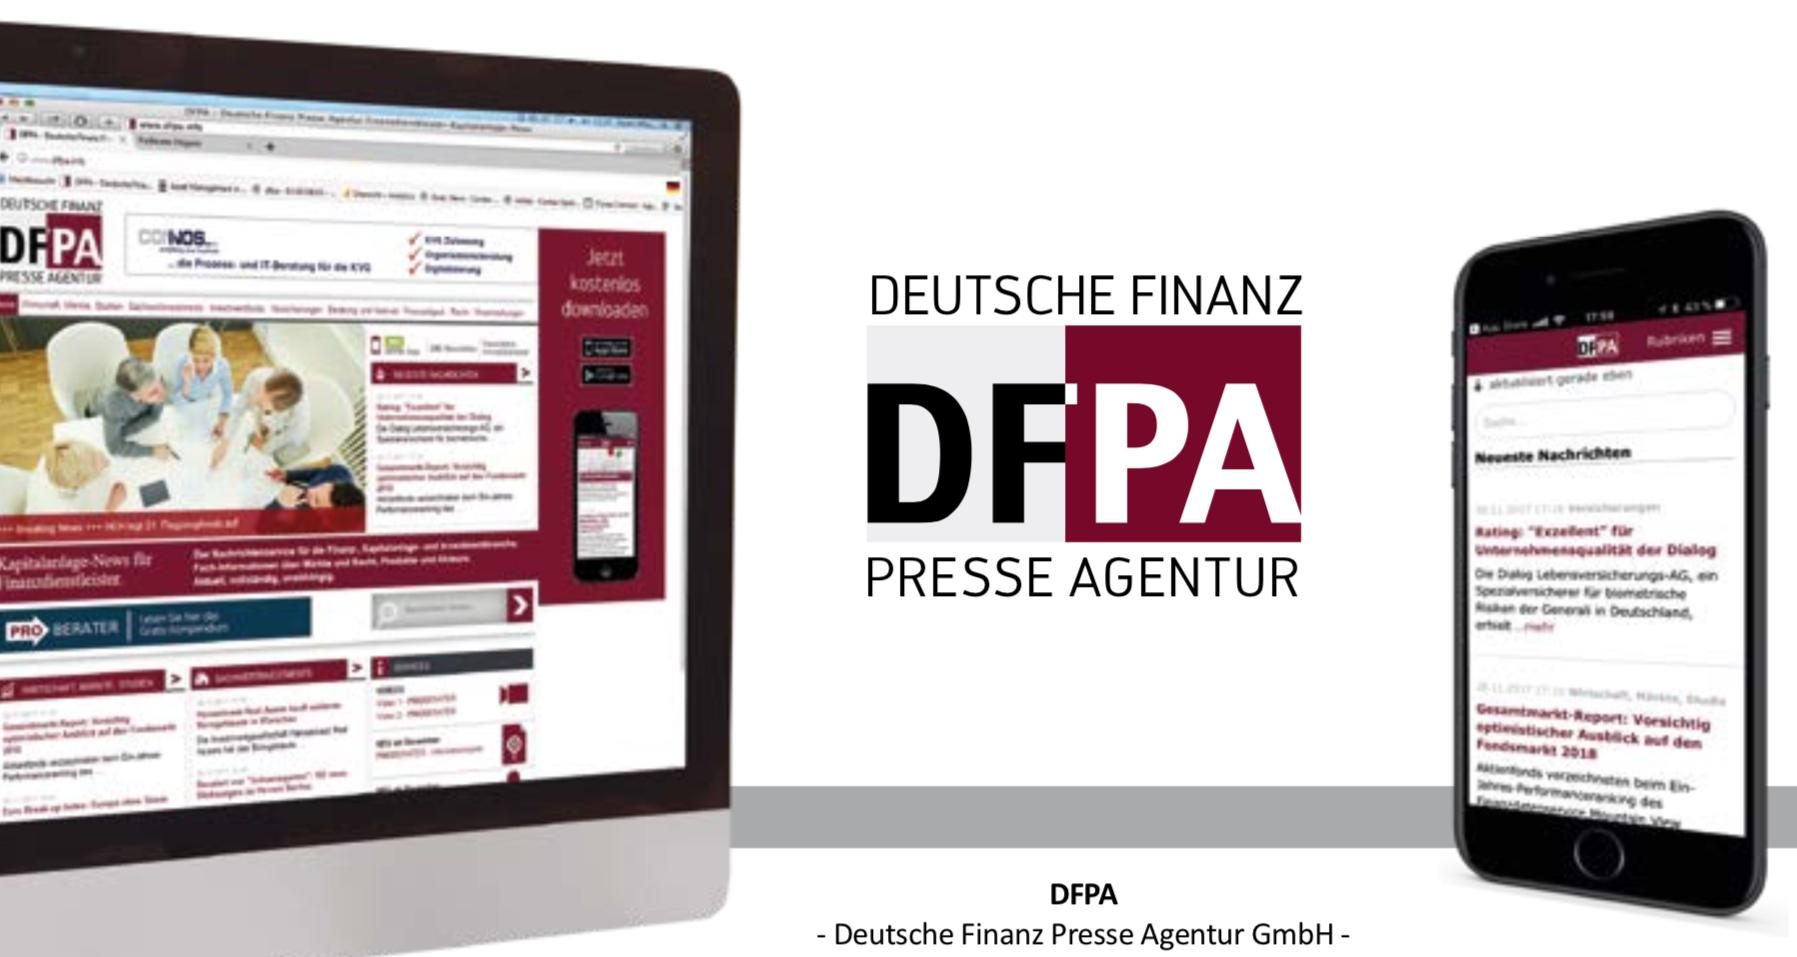 DFPA bietet tagesaktuelle Versicherungsnachrichten für Profis